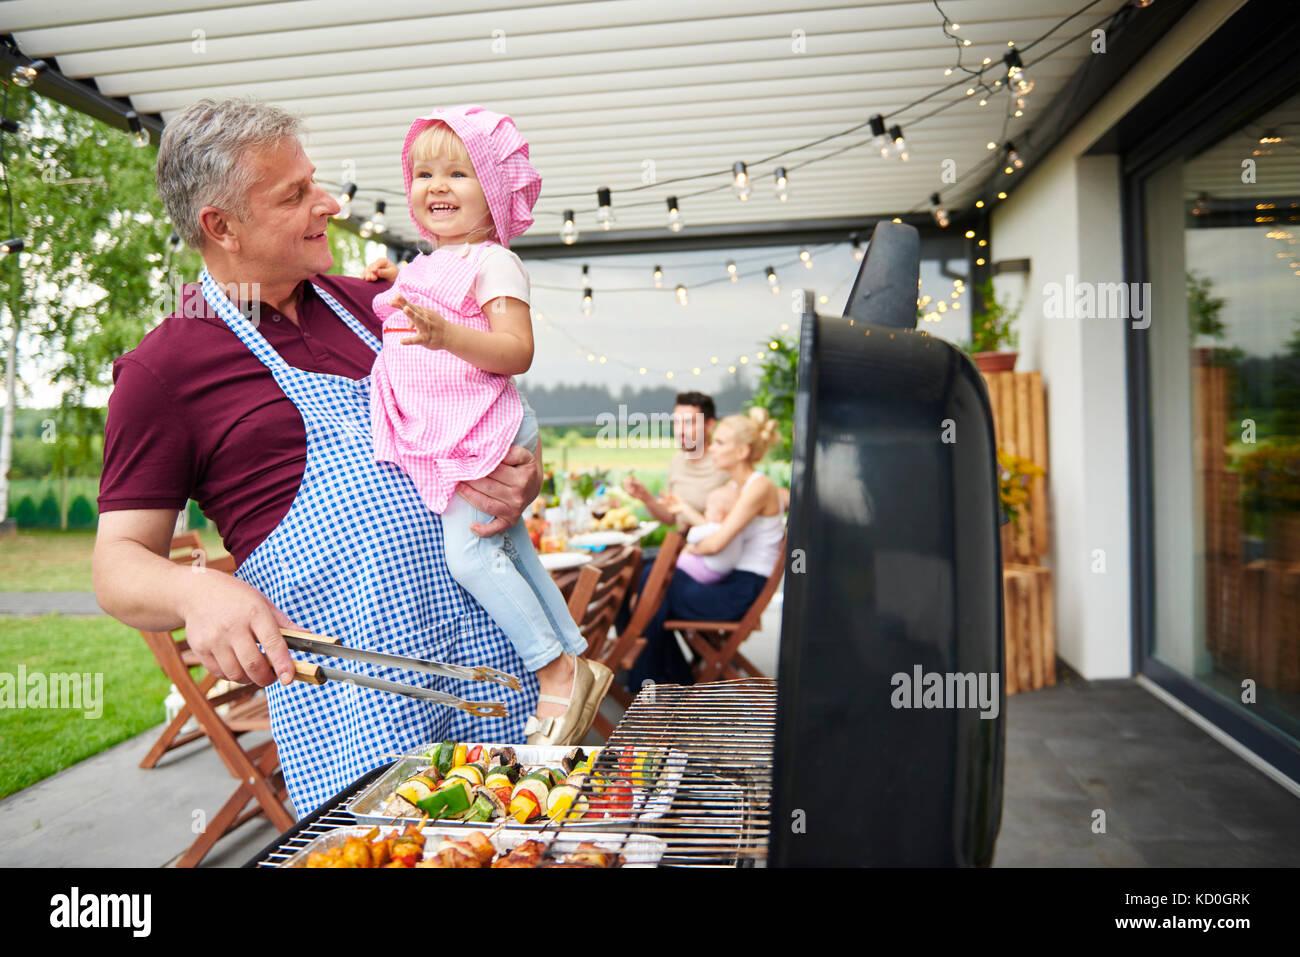 Reifer Mann mit Kleinkind Enkelin Grillen bei Familie Mittagessen auf der Terrasse Stockbild